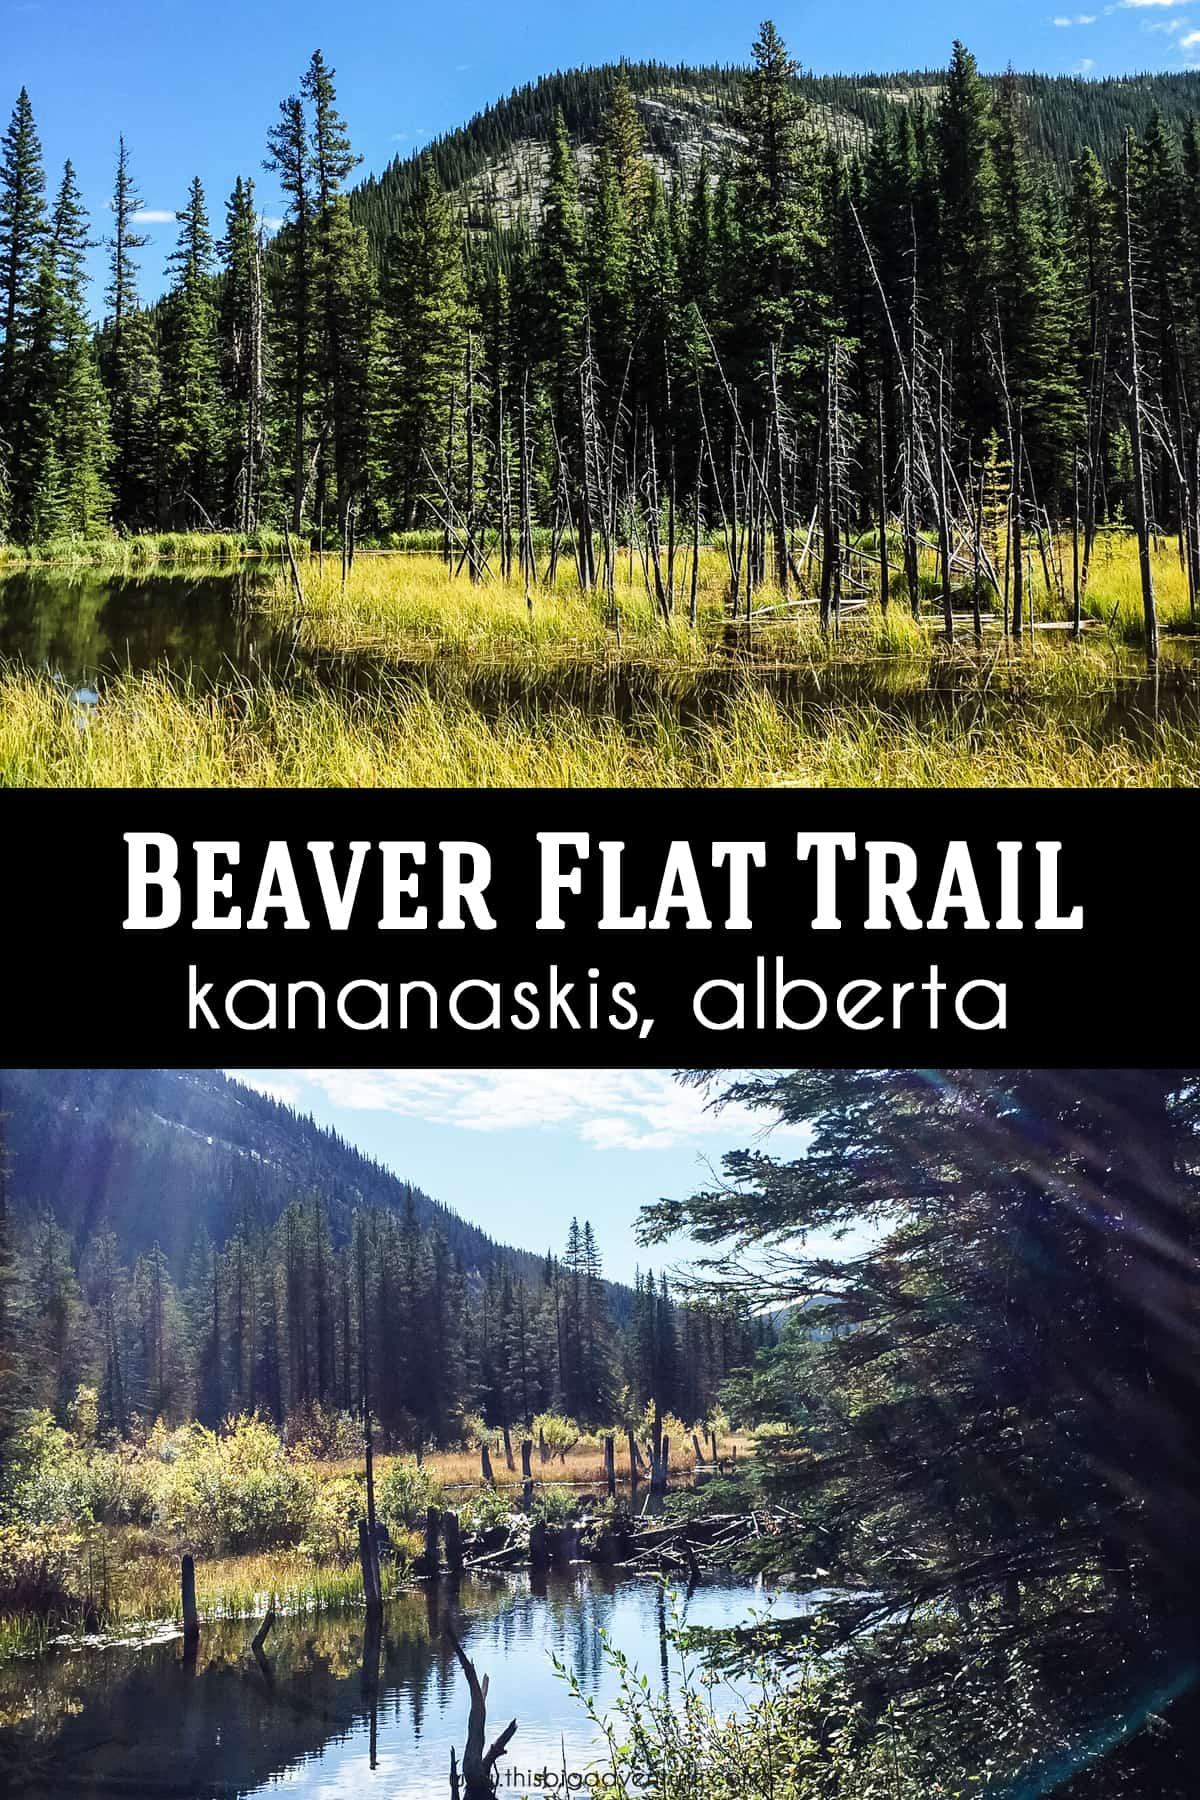 Beaver Flat Trail, Kananaskis